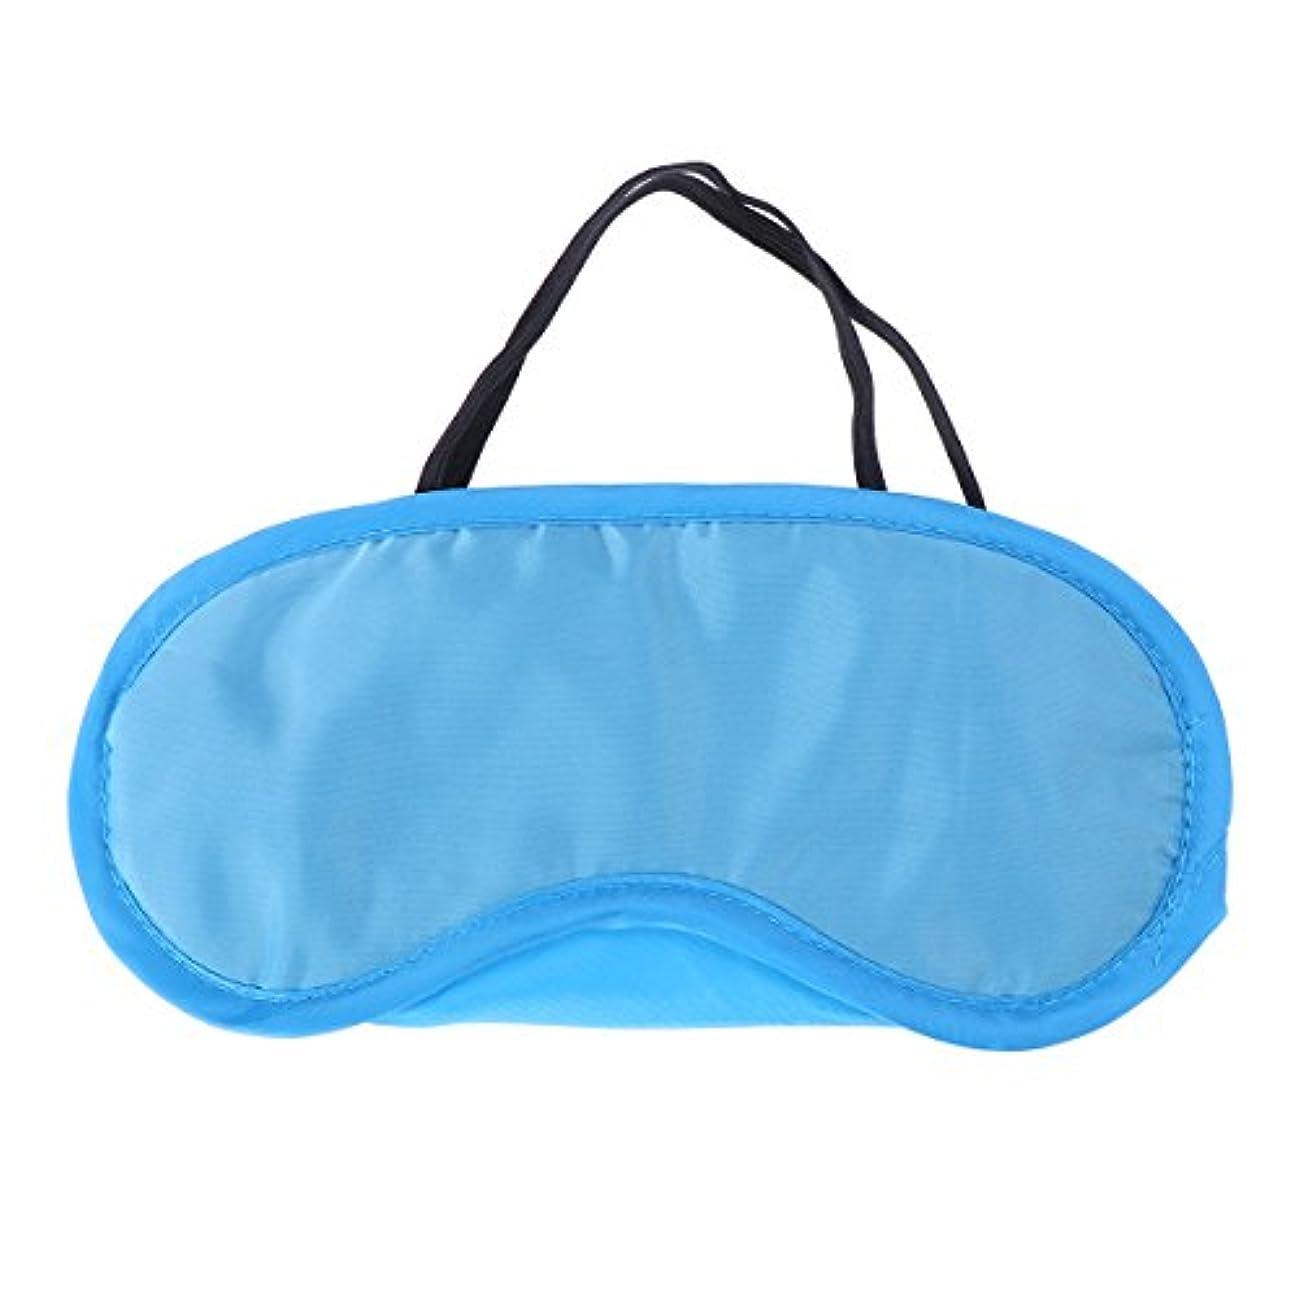 統計シニスニュースHEALIFTY 軽量で快適な睡眠のための調整可能なアイマスク(旅行用スカイブルー)